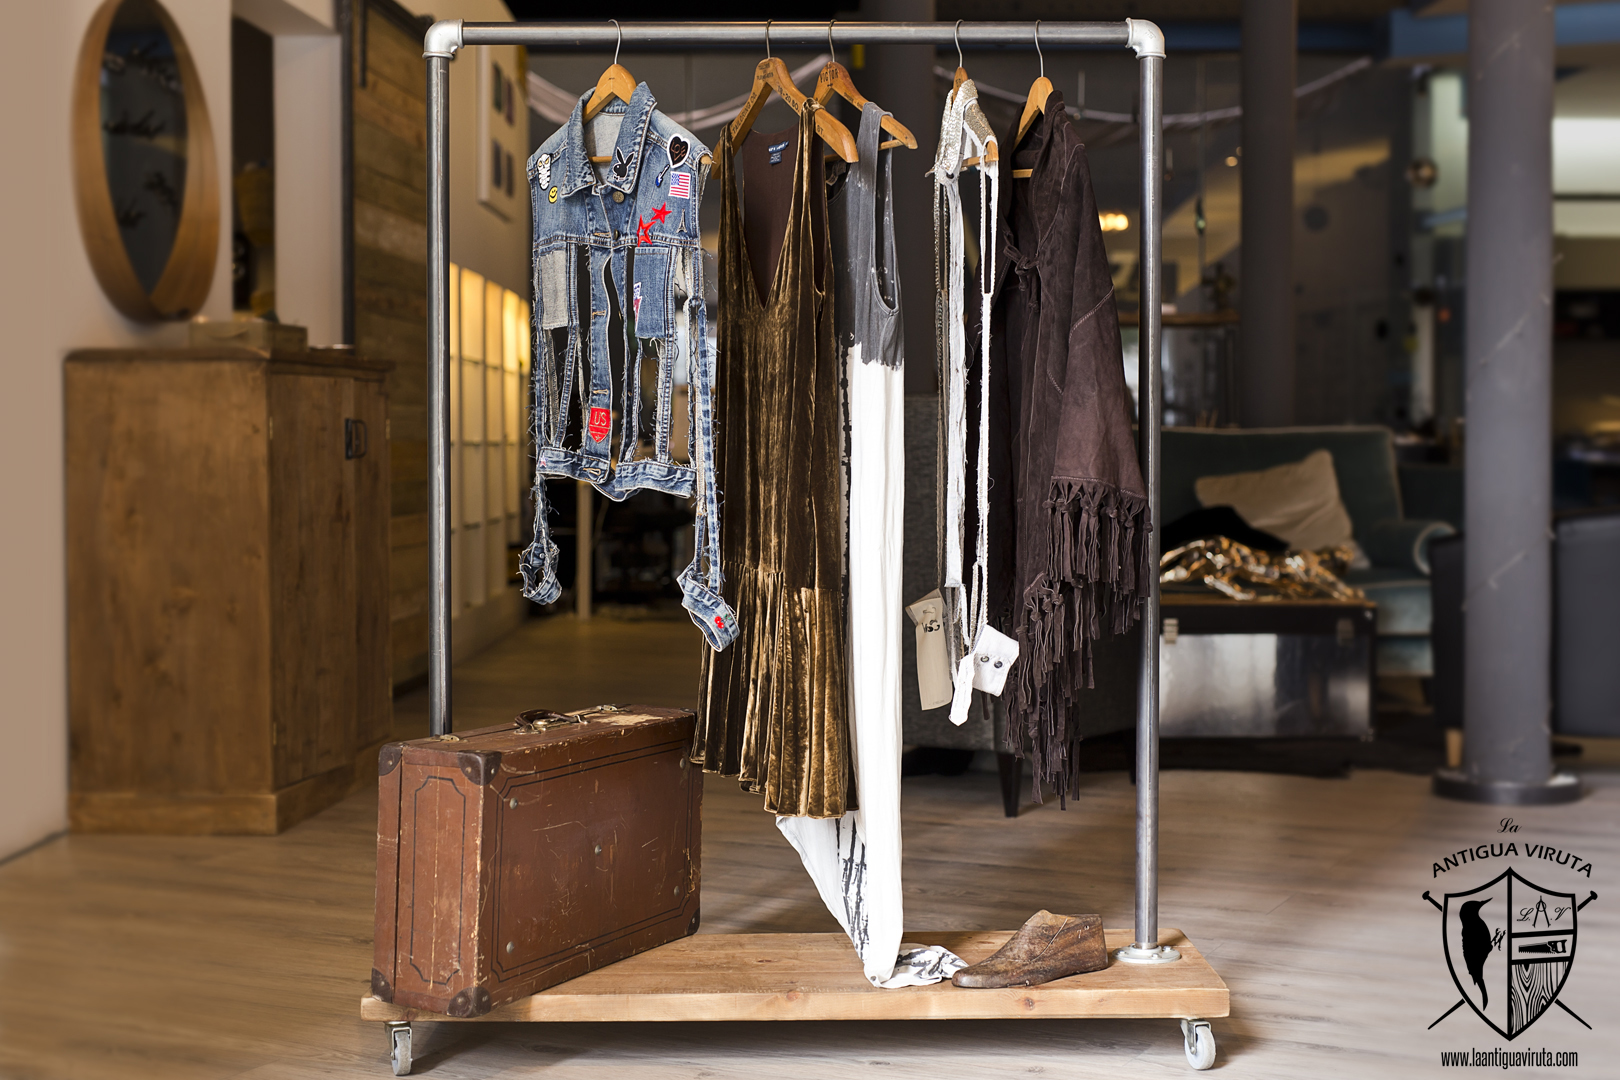 moda ropa y zapater a